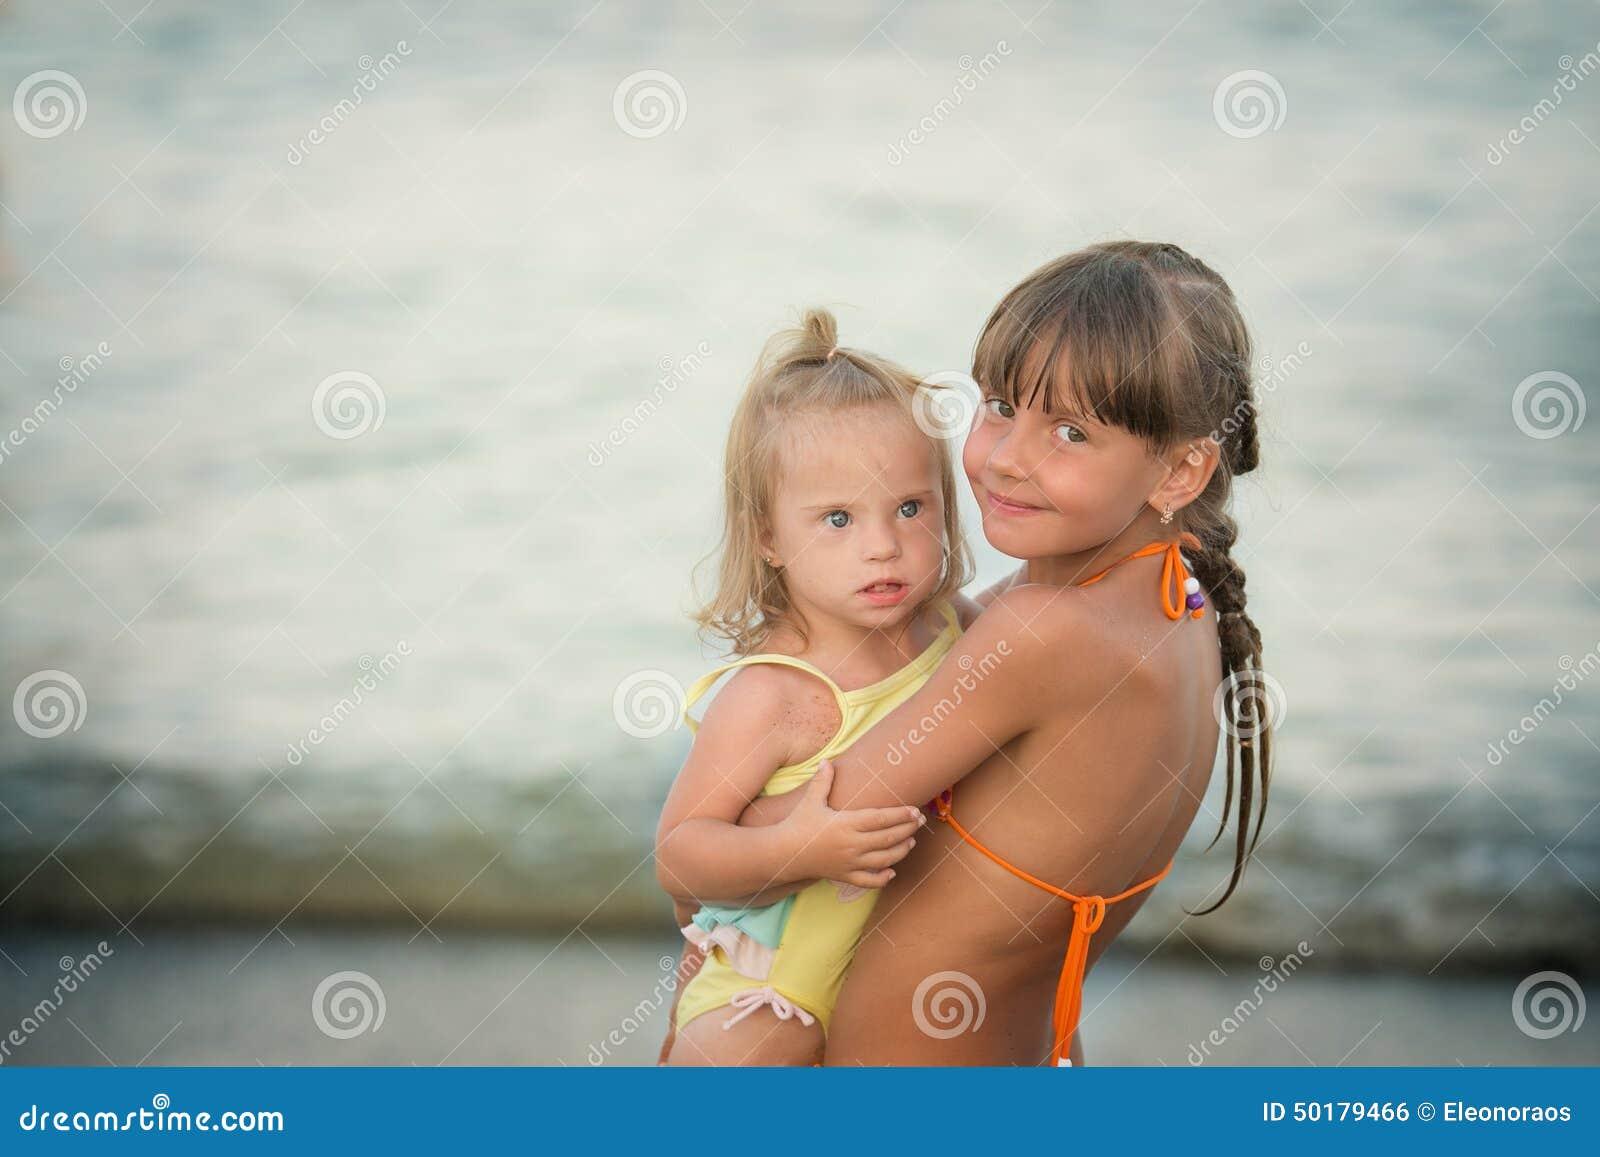 La hermana del espantapájaros abraza cariñosamente a su hermana con Síndrome de Down